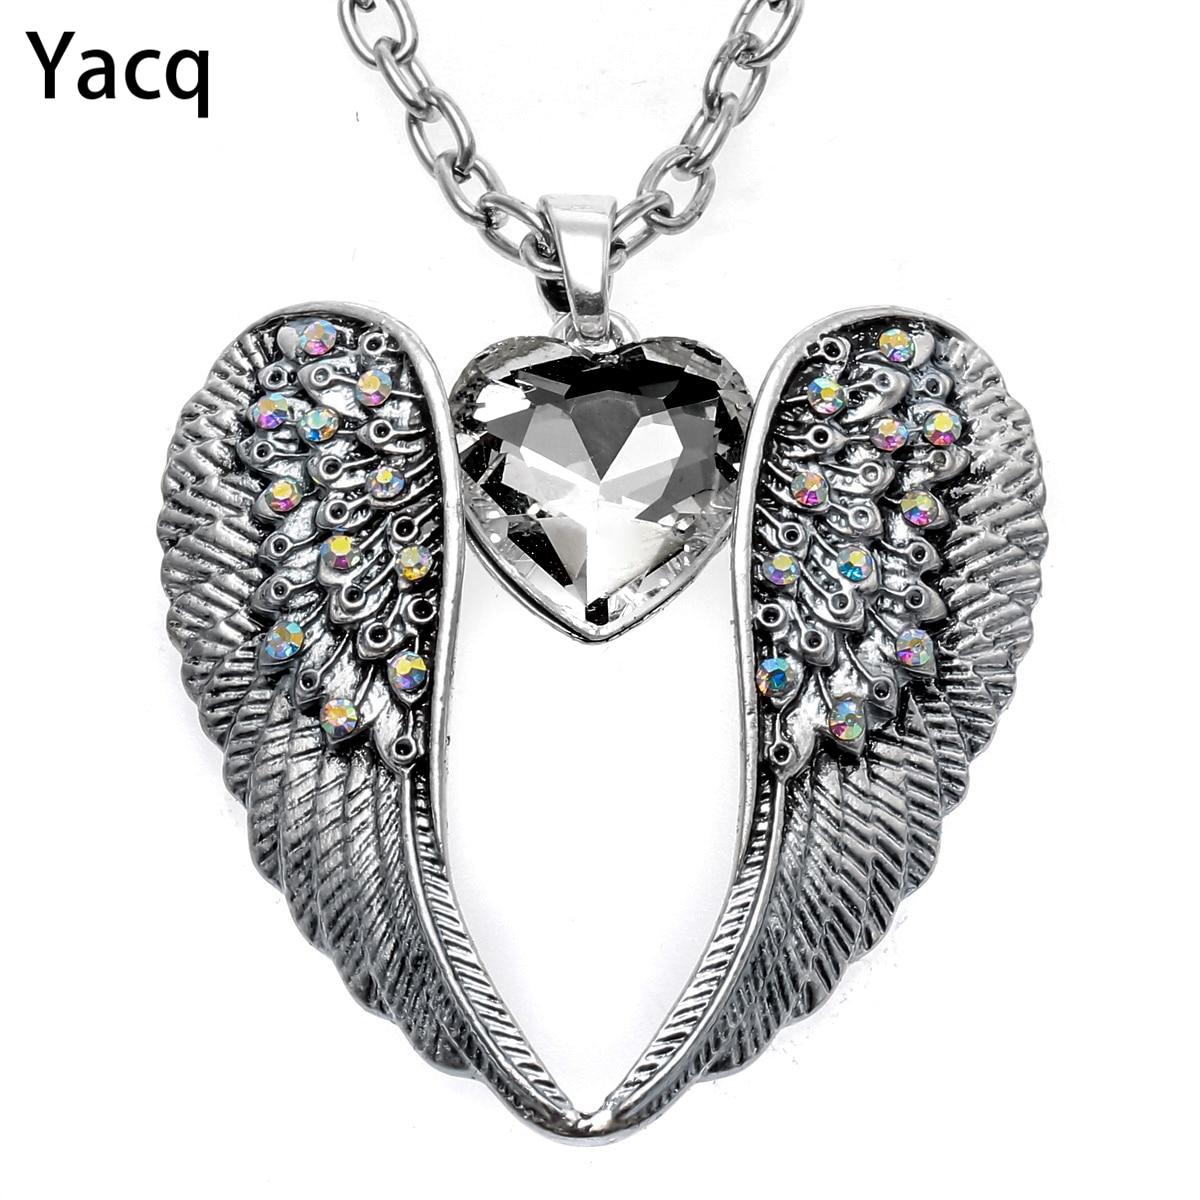 YACQ Guardian ангельское крыло сердце ожерелье античное серебро Цвет для женщин девушек байкерские шикарные хрустальные ювелирные изделия подарки дропшиппинг NC06